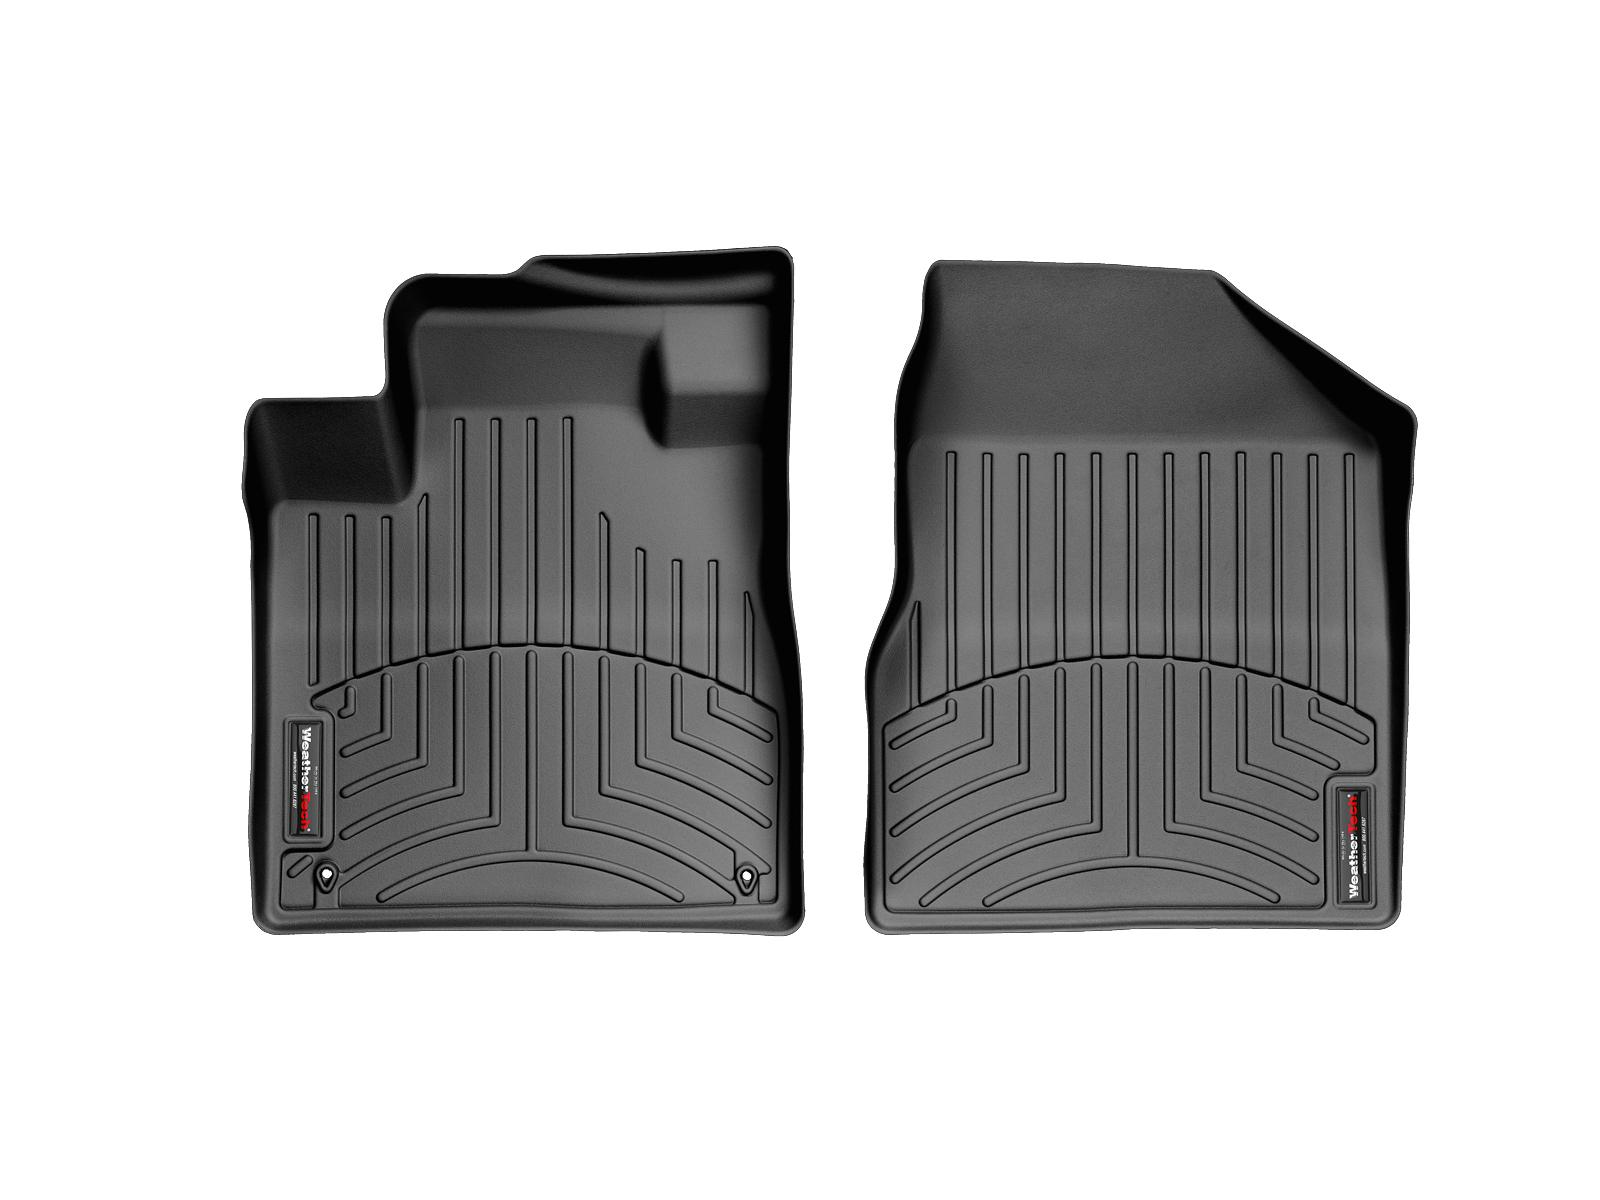 Tappeti gomma su misura bordo alto Nissan Murano 08>14 Nero A2890